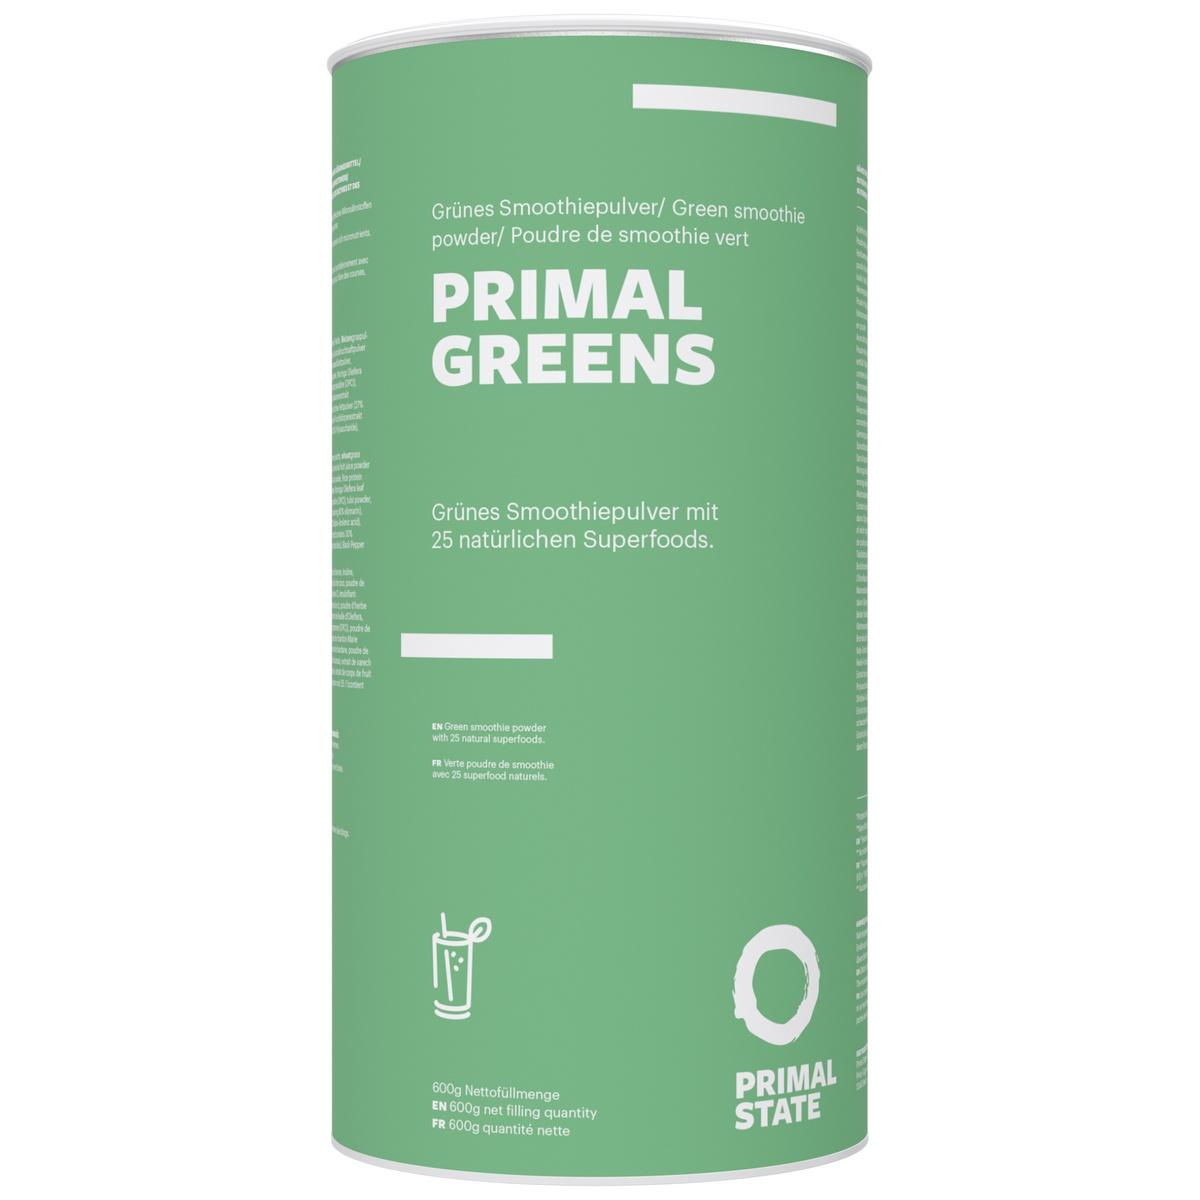 Grüne Smoothies – Für Unterwegs grünes Smoothie Pulver und Rezepte